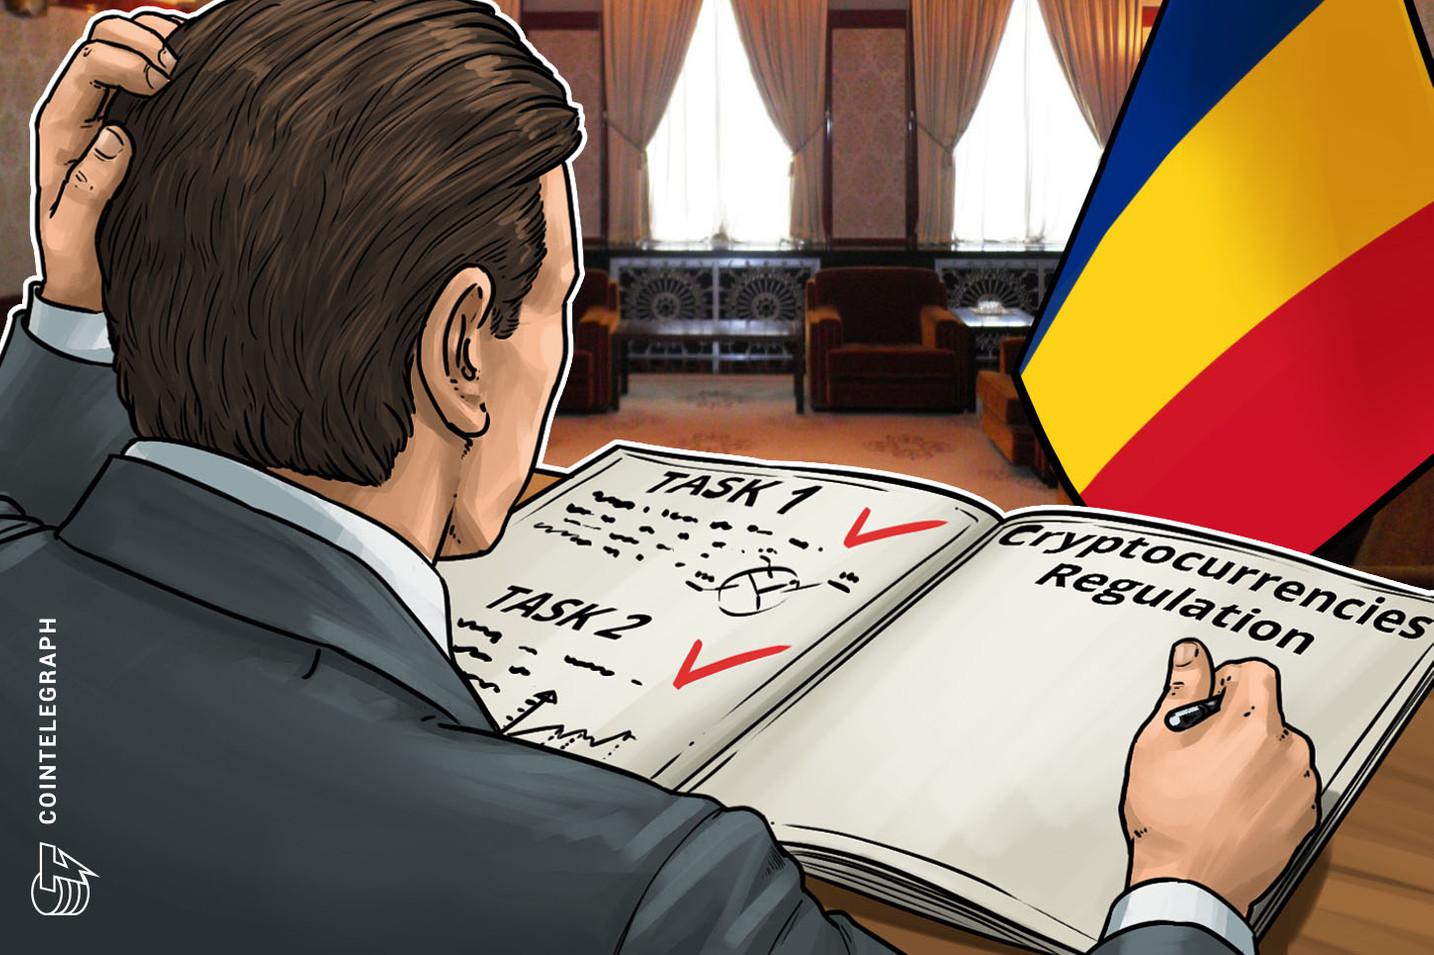 ルーマニア、電子マネー発行に関する規制案を発表